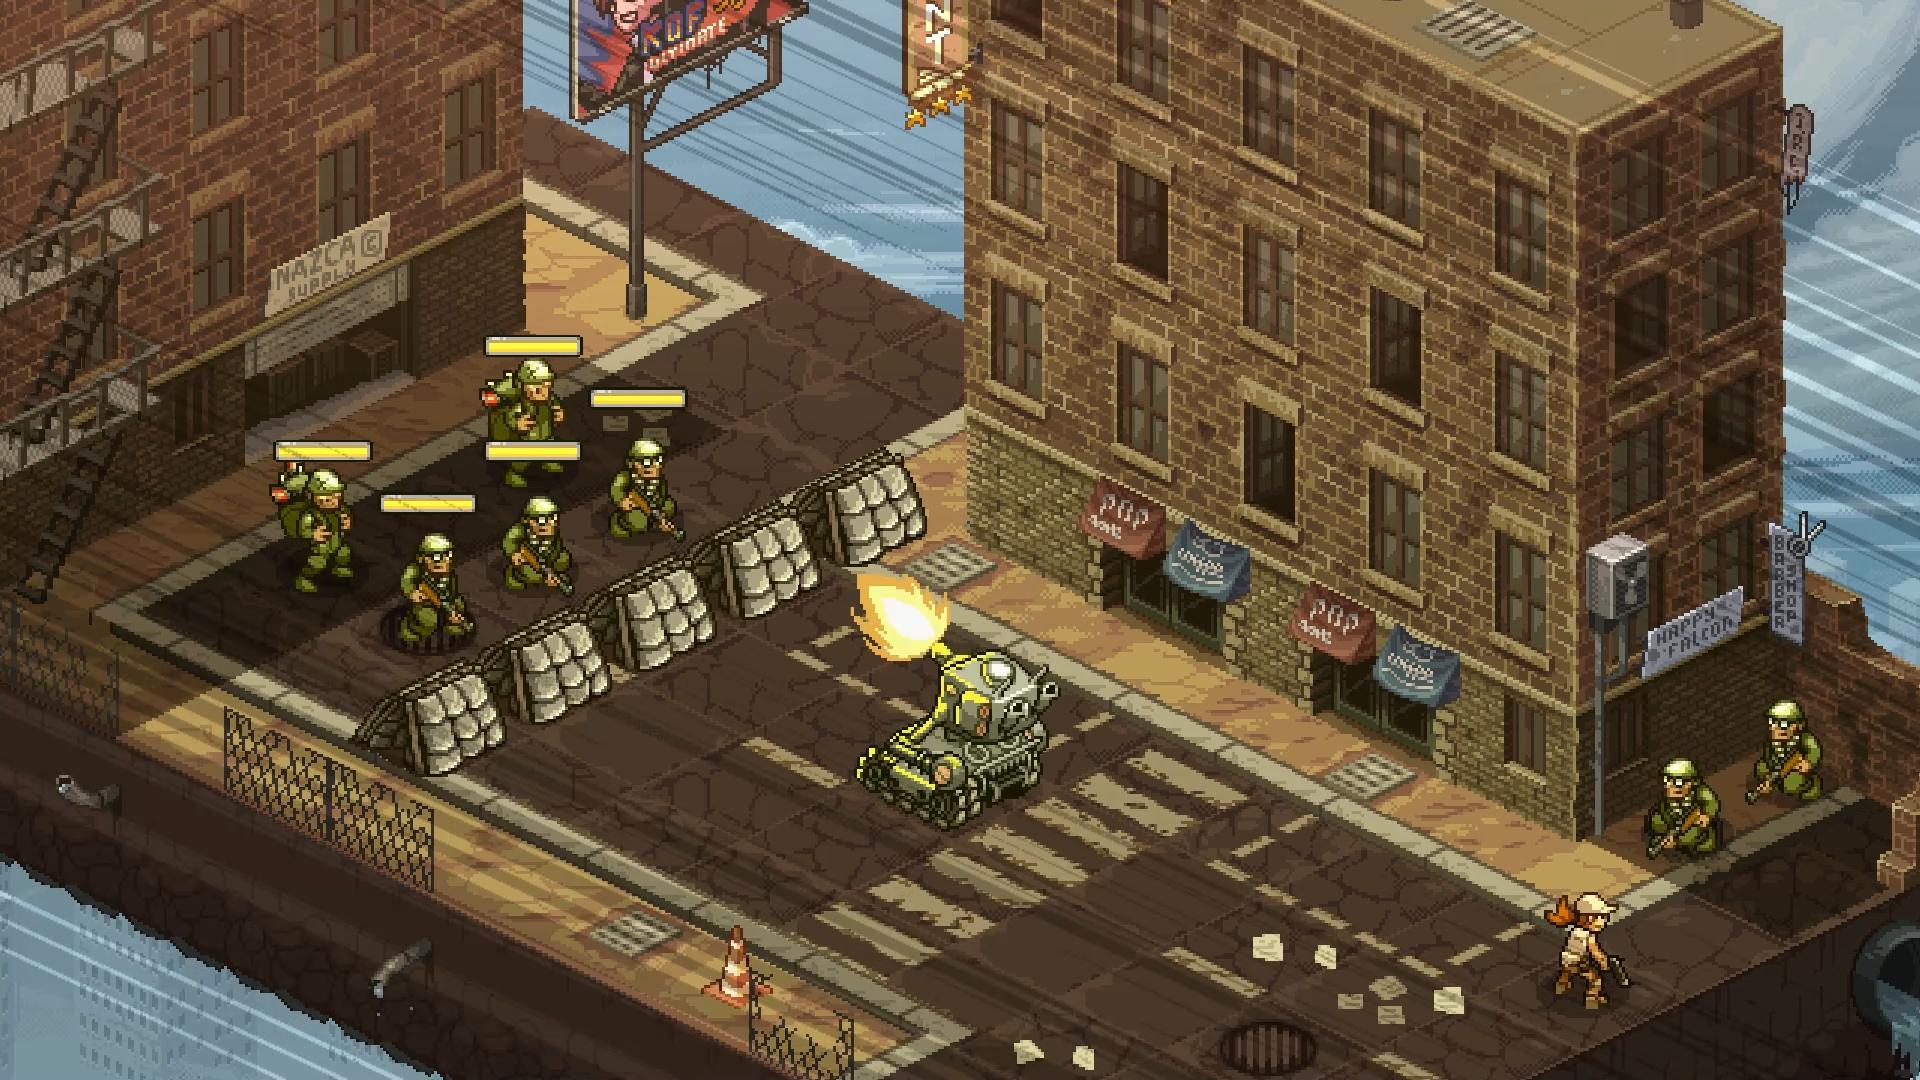 Rambo Lùn bản mới khiến game thủ toàn cầu bất ngờ: từ game xông pha bất cần đời trở thành game chiến thuật - Ảnh 3.